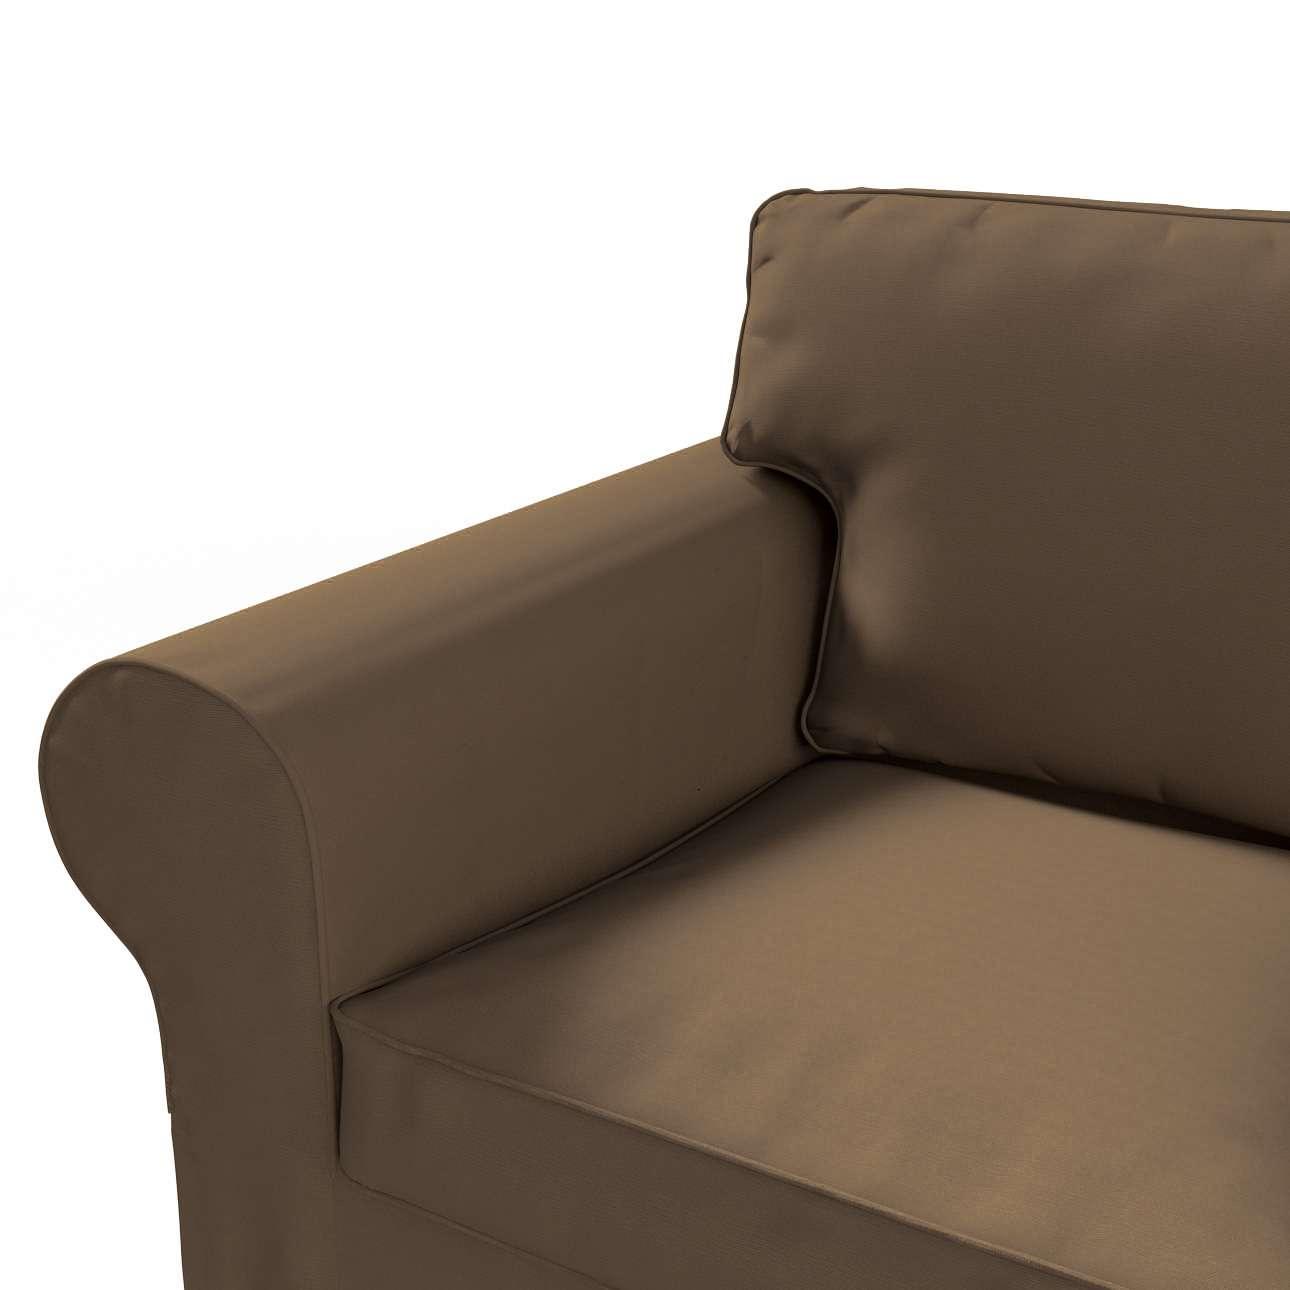 Ektorp 2-Sitzer Schlafsofabezug  NEUES Modell  Sofabezug für  Ektorp 2-Sitzer ausklappbar, neues Modell von der Kollektion Cotton Panama, Stoff: 702-02